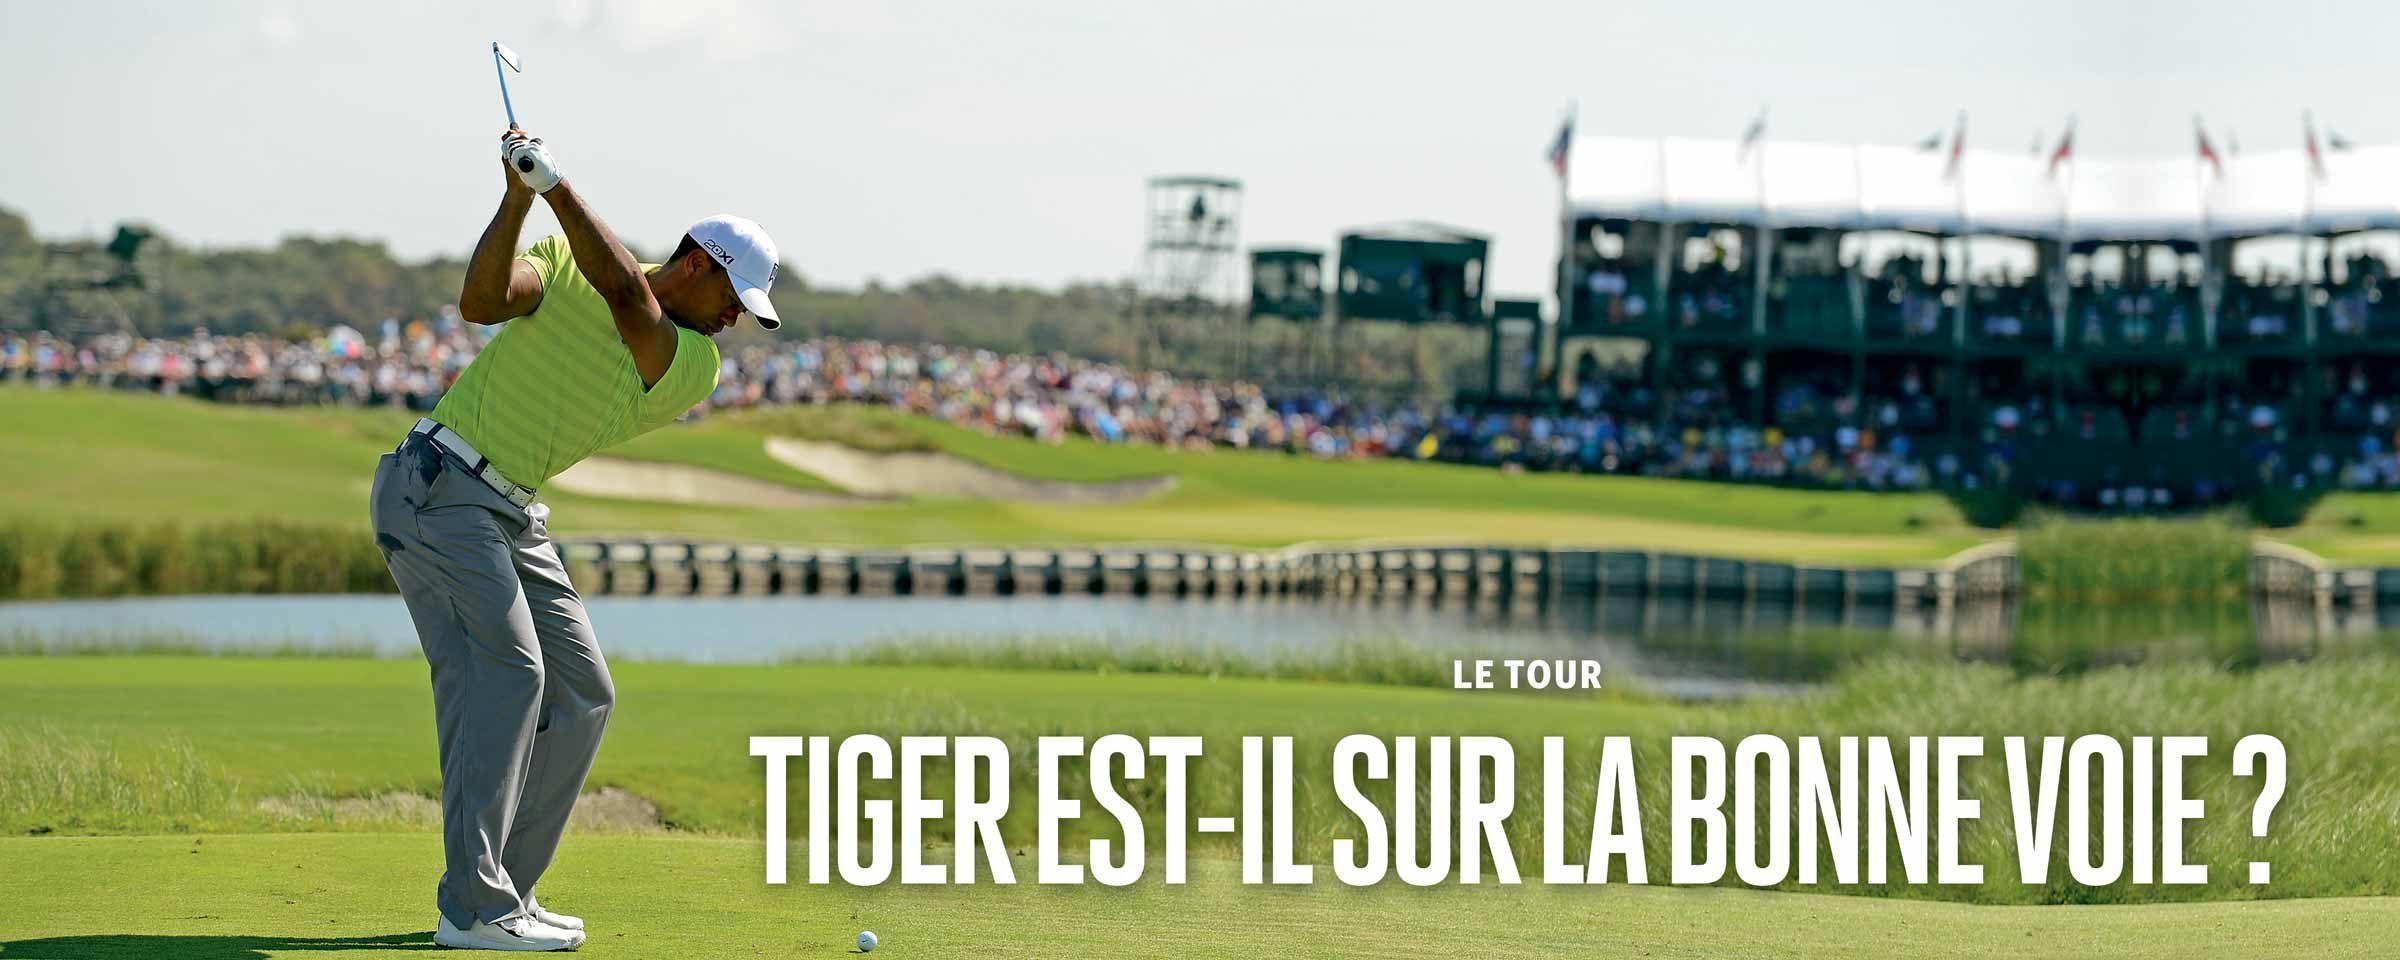 Tiger est-il sur la bonne voie ?